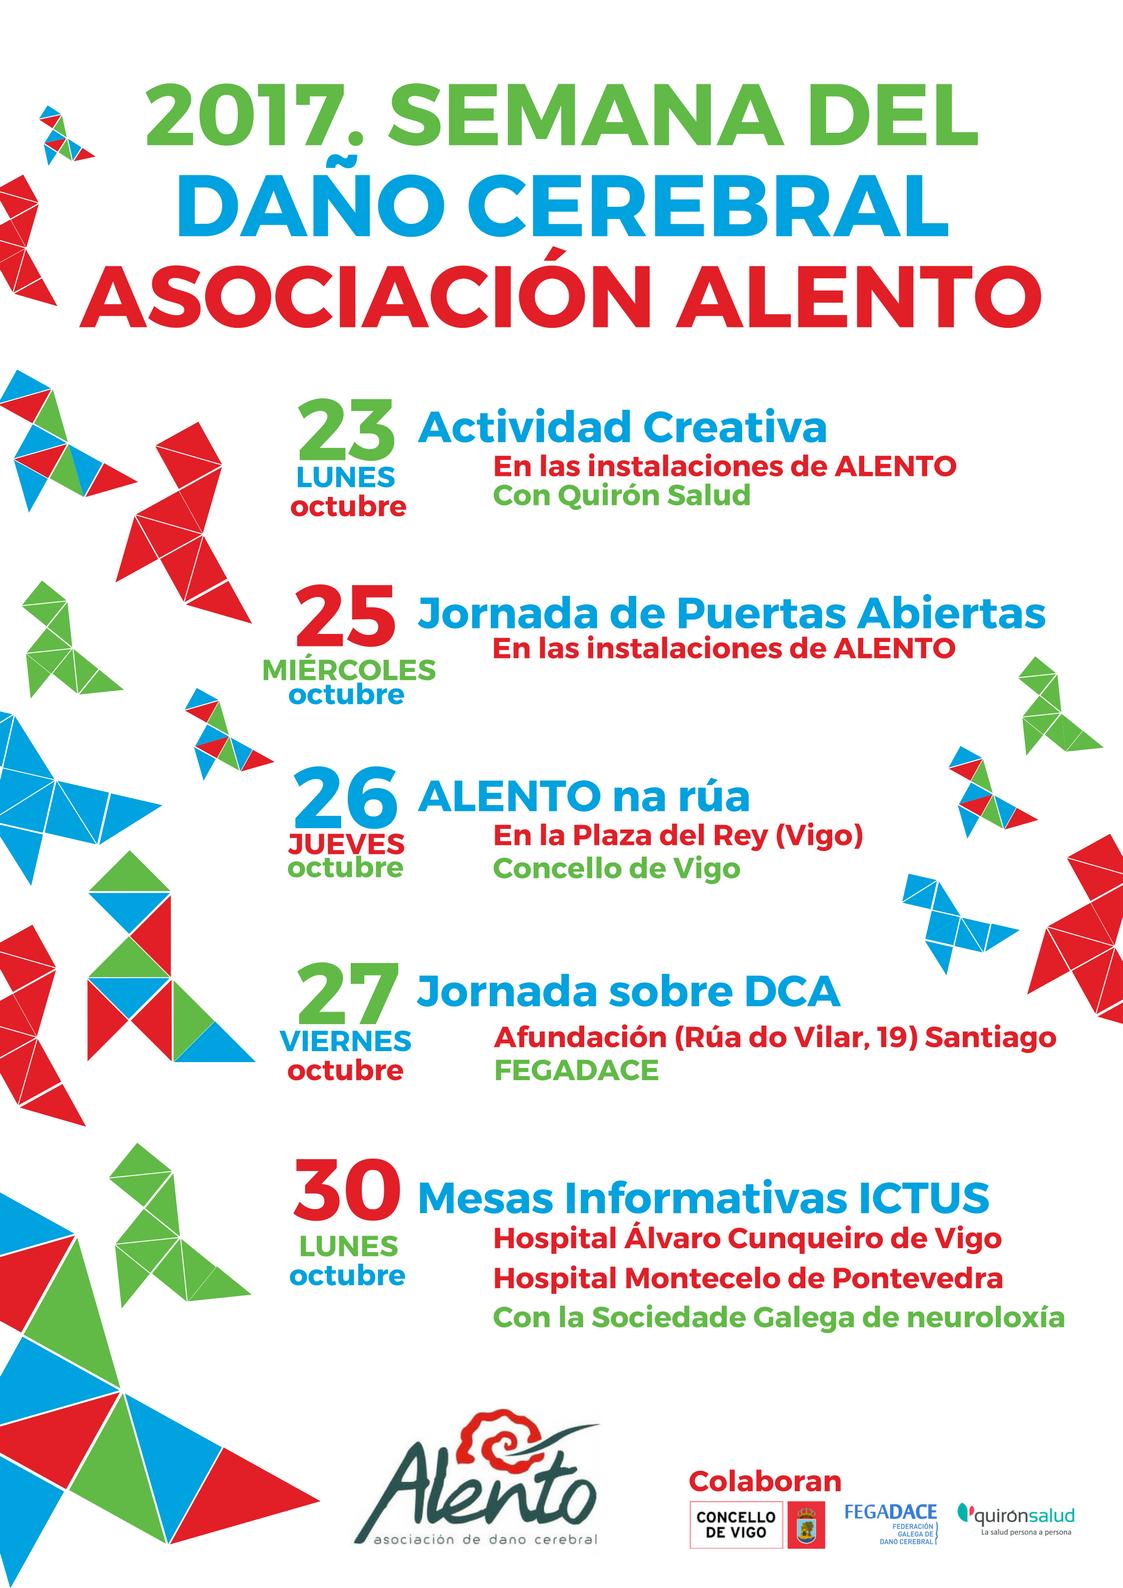 Cartel Semana del Daño Cerebral 2017 en ALENTO